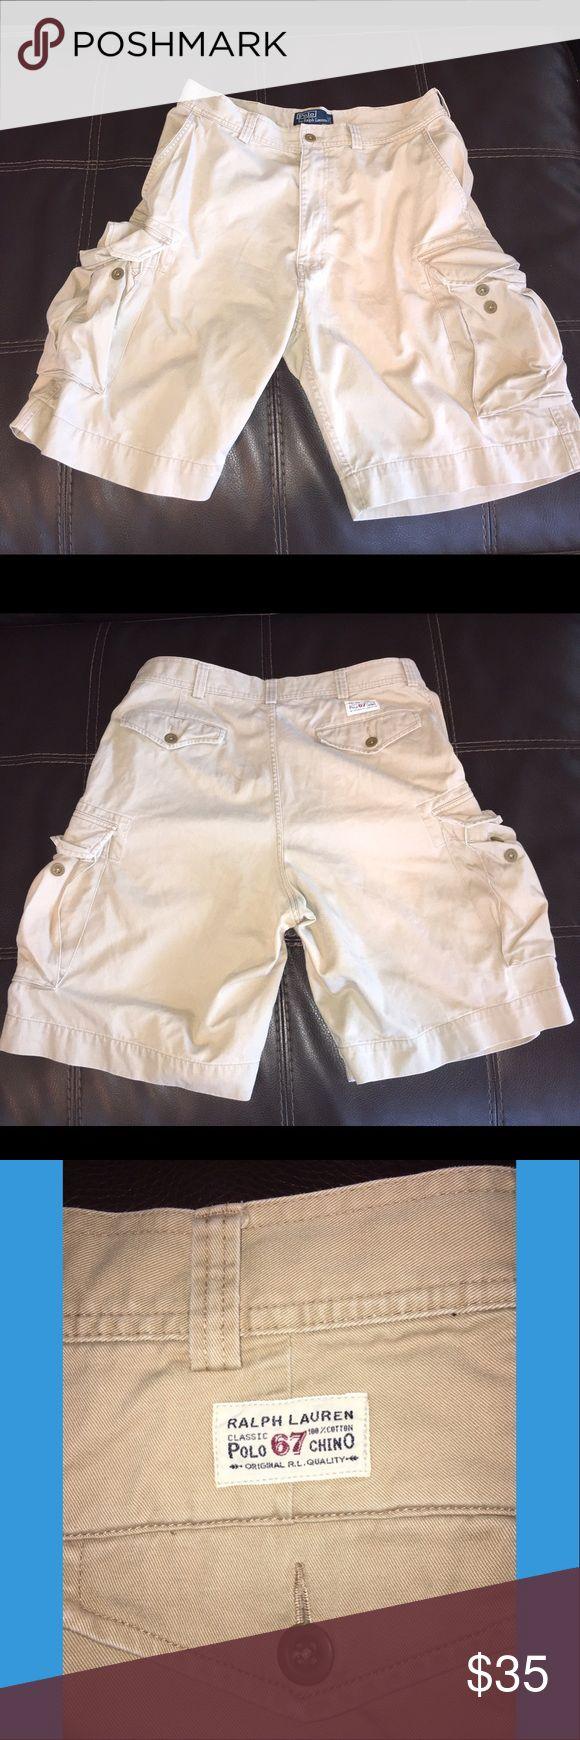 Ralph Lauren Chino Cargo Shorts Size 35 Excellent Condition Ralph Lauren Chino Cargo Shorts Size 35. Classic Fit! Ralph Lauren Shorts Cargo